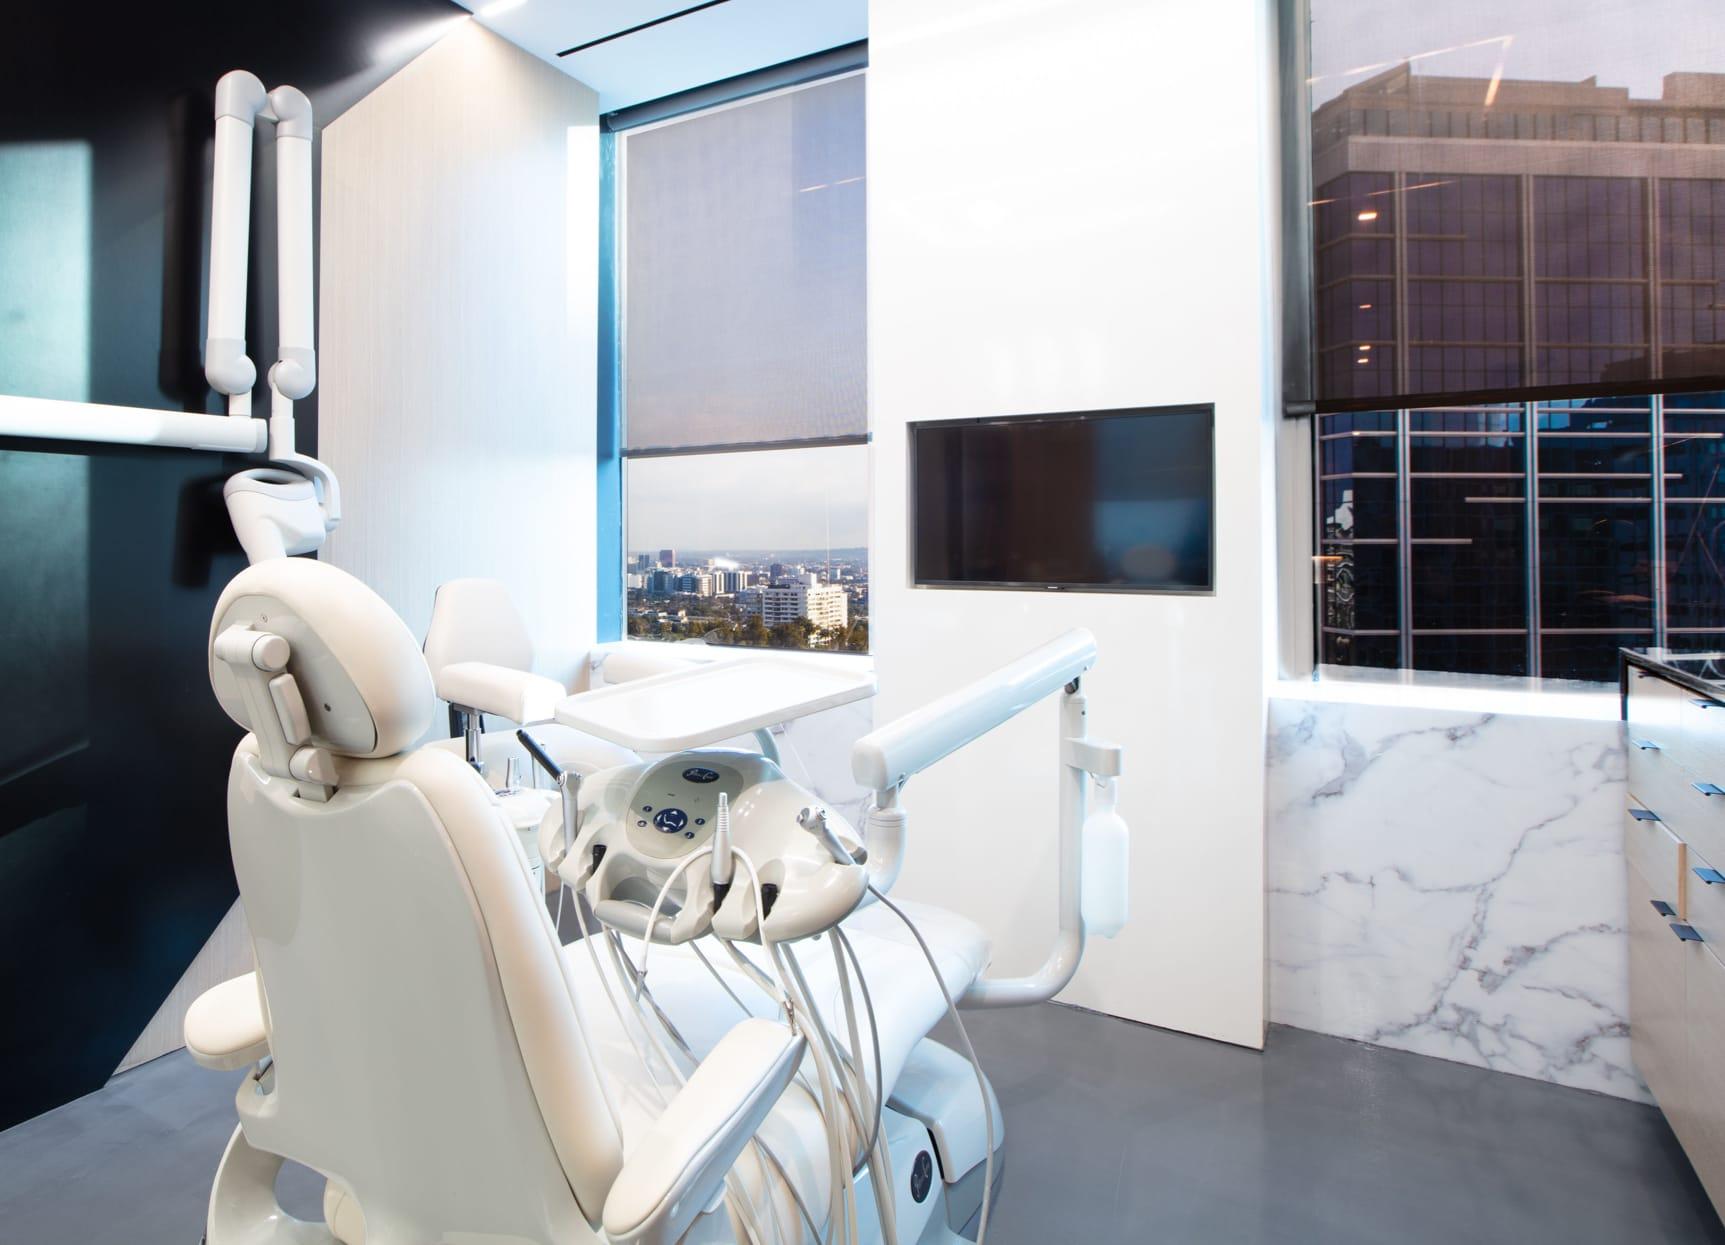 Dental chair - clean, modern and bright.